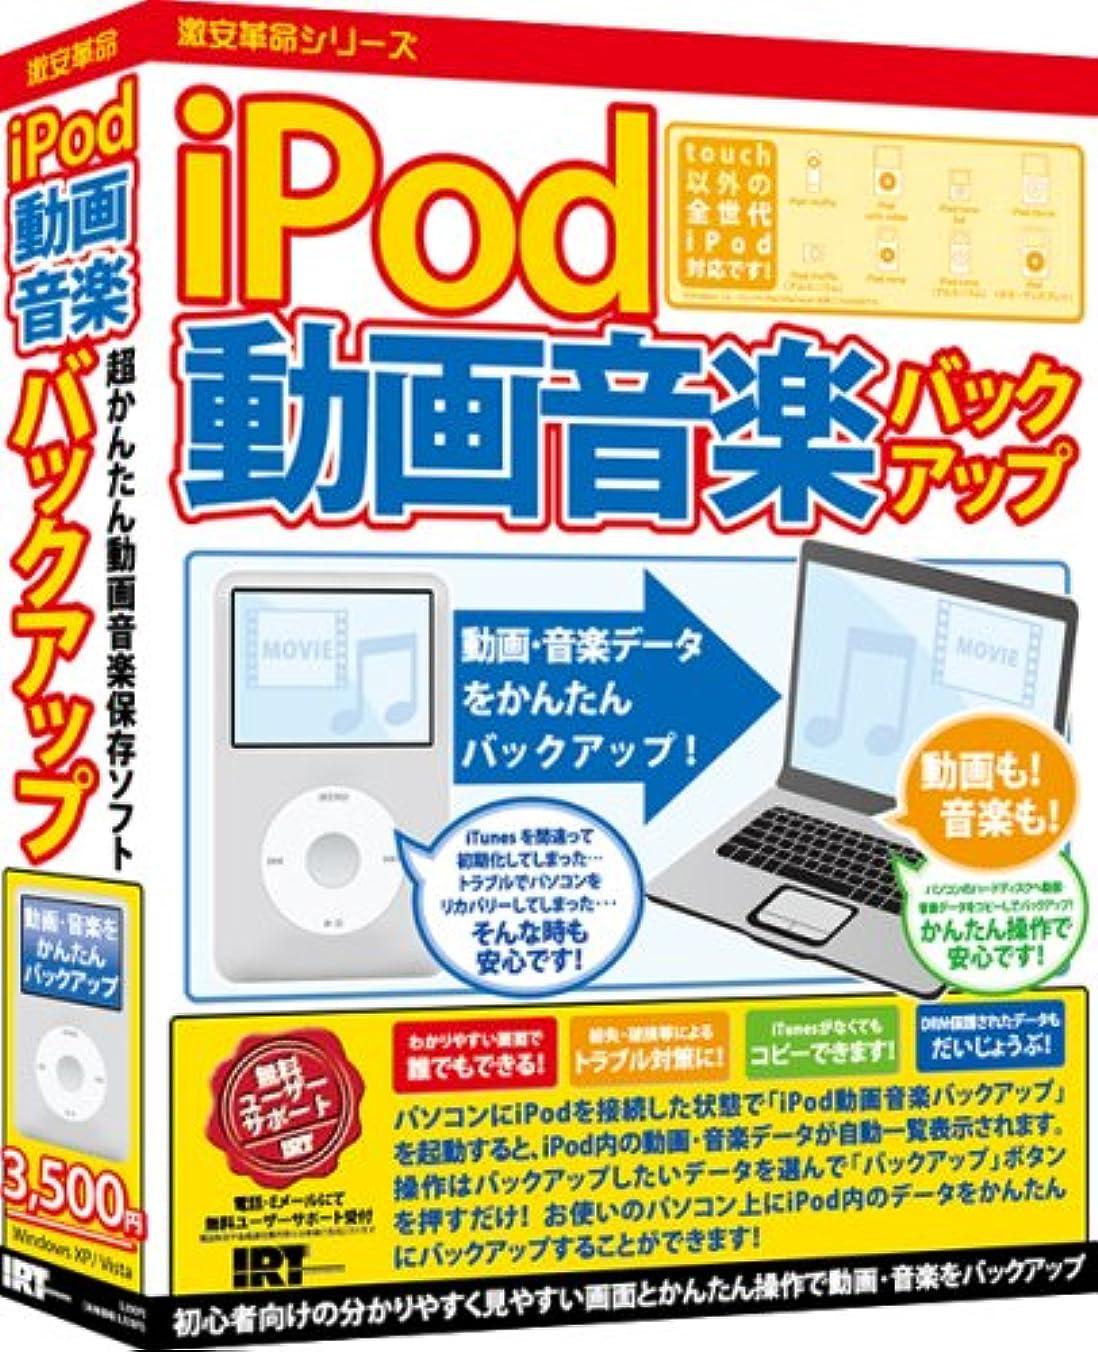 投資誤って三iPod動画音楽バックアップ